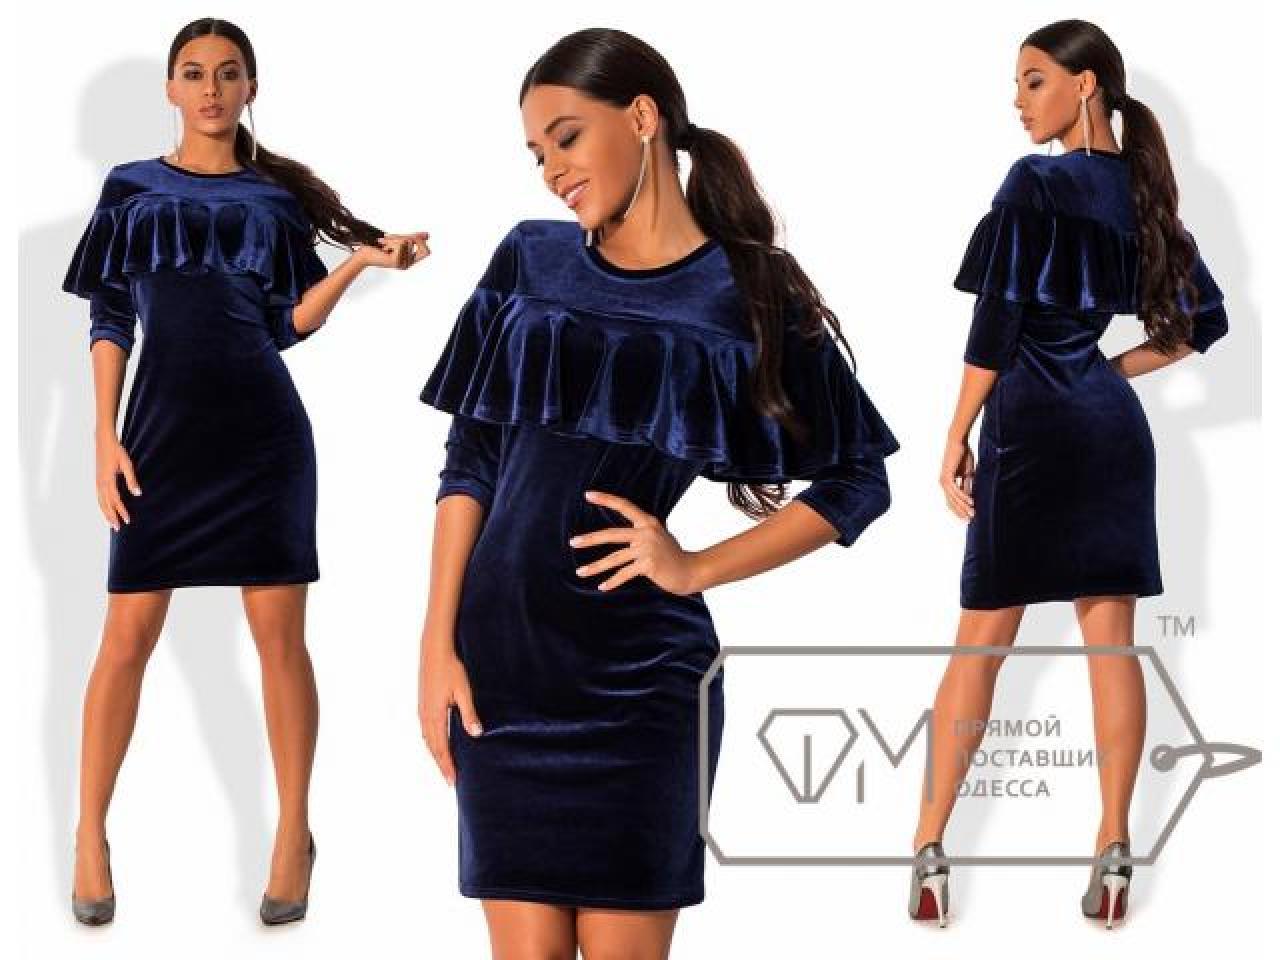 Праздничные нарядные платья с доставкой - 9